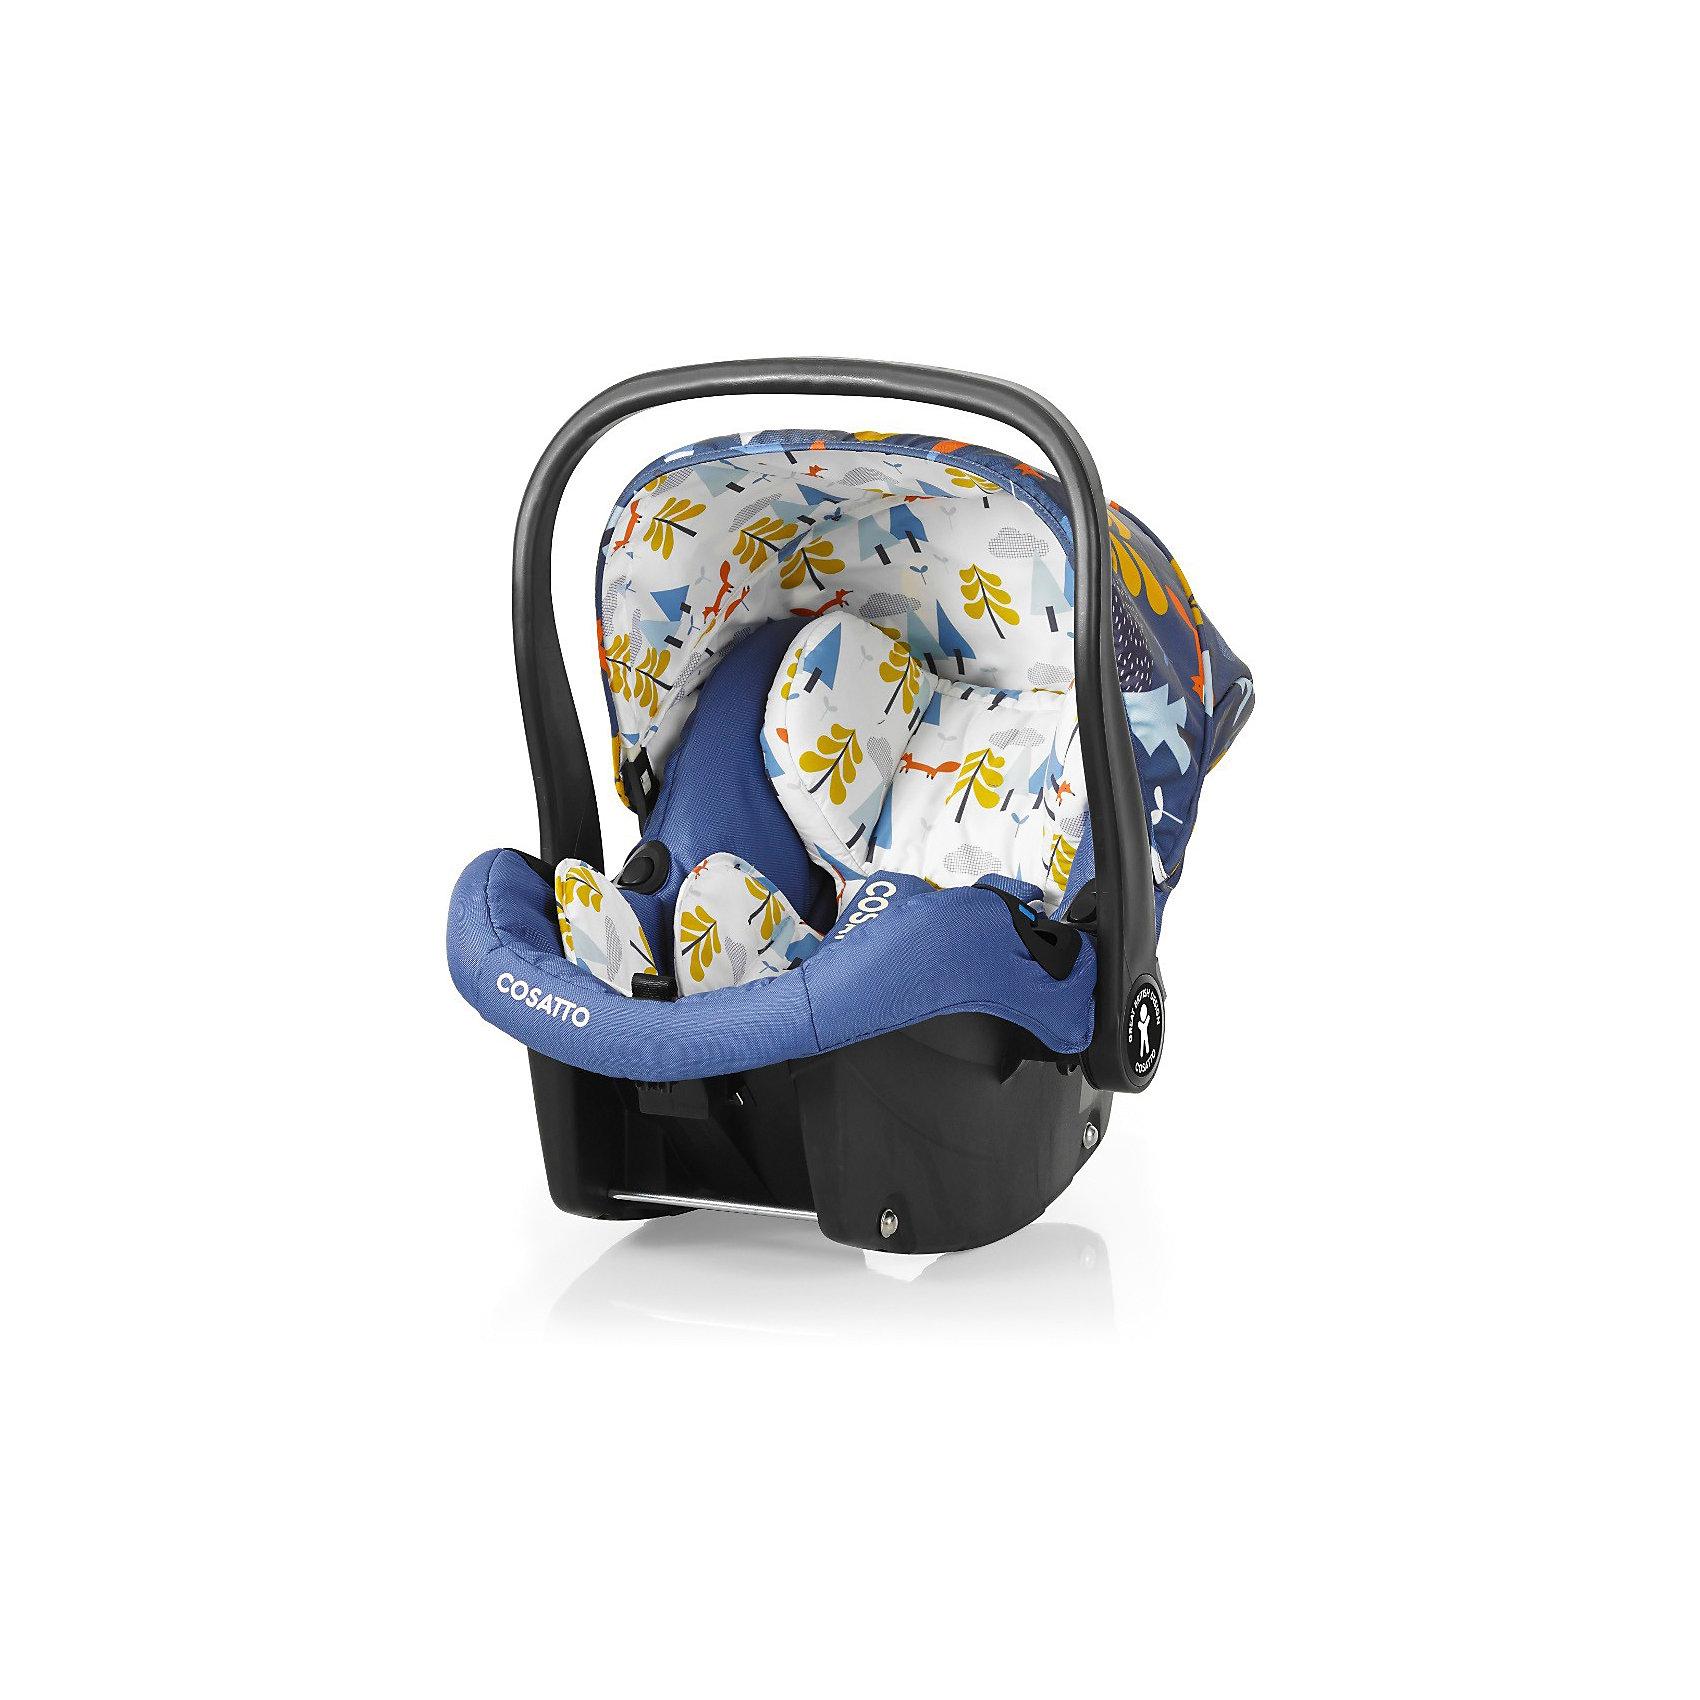 Автокресло Cosatto Port, 0-13 кг., Fox TaleГруппа 0+ (До 13 кг)<br>Характеристики:<br><br>• группа: 0+;<br>• вес ребенка: до 13 кг;<br>• возраст: от рождения до 18 месяцев;<br>• соответствует нормам безопасности  ECE R44/04;<br>• установка: против хода движения автомобиля;<br>• может крепиться штатным автомобильным ремнем или устанавливаться на одну из баз Cosatto (Isofix и для 3-точечного ремня);<br>• совместимо с шасси колясок Cosatto Ooba, Fly, Wish, Wow, Woop;<br>• можно использовать как переноску или люльку;<br>• 3-точечные внутренние ремни имеют 2 положения;<br>• плечевые и нагрудные подушечки;<br>• анатомический вкладыш;<br>• специальная подушка для головы;<br>• усиленная боковая защита;<br>• ударопрочный пластик;<br>• солнцезащитный съемный козырек из ткани;<br>• ручка для переноски;<br>• сзади расположен бардачок;<br>• гипоаллергенный материал обивки;<br>• съемный чехол можно стирать при температуре 30 градусов;<br>• материал: пластик, полиэстер.<br><br>Габариты автокресла: 70х60х44 см.<br>Вес автокресла: 3 кг.<br><br>Автокресло разработано для безопасной перевозки малышей в салоне автомобиля. Представленную модель можно использовать не только как авто-люльку, а и устанавливать на шасси коляски, что очень удобно на прогулке за городом. Продуманная до мелочей система безопасности максимально защищает малыша во время движения. Автокресло устанавливается на сиденье и крепится при помощи штатного ремня безопасности автомобиля либо устанавливается на специальную базу (приобретается отдельно). <br><br>Автокресло Port 0-13 кг., Cosatto, Fox Tale можно купить в нашем интернет-магазине.<br><br>Ширина мм: 750<br>Глубина мм: 450<br>Высота мм: 390<br>Вес г: 6000<br>Возраст от месяцев: -2147483648<br>Возраст до месяцев: 2147483647<br>Пол: Унисекс<br>Возраст: Детский<br>SKU: 5629491